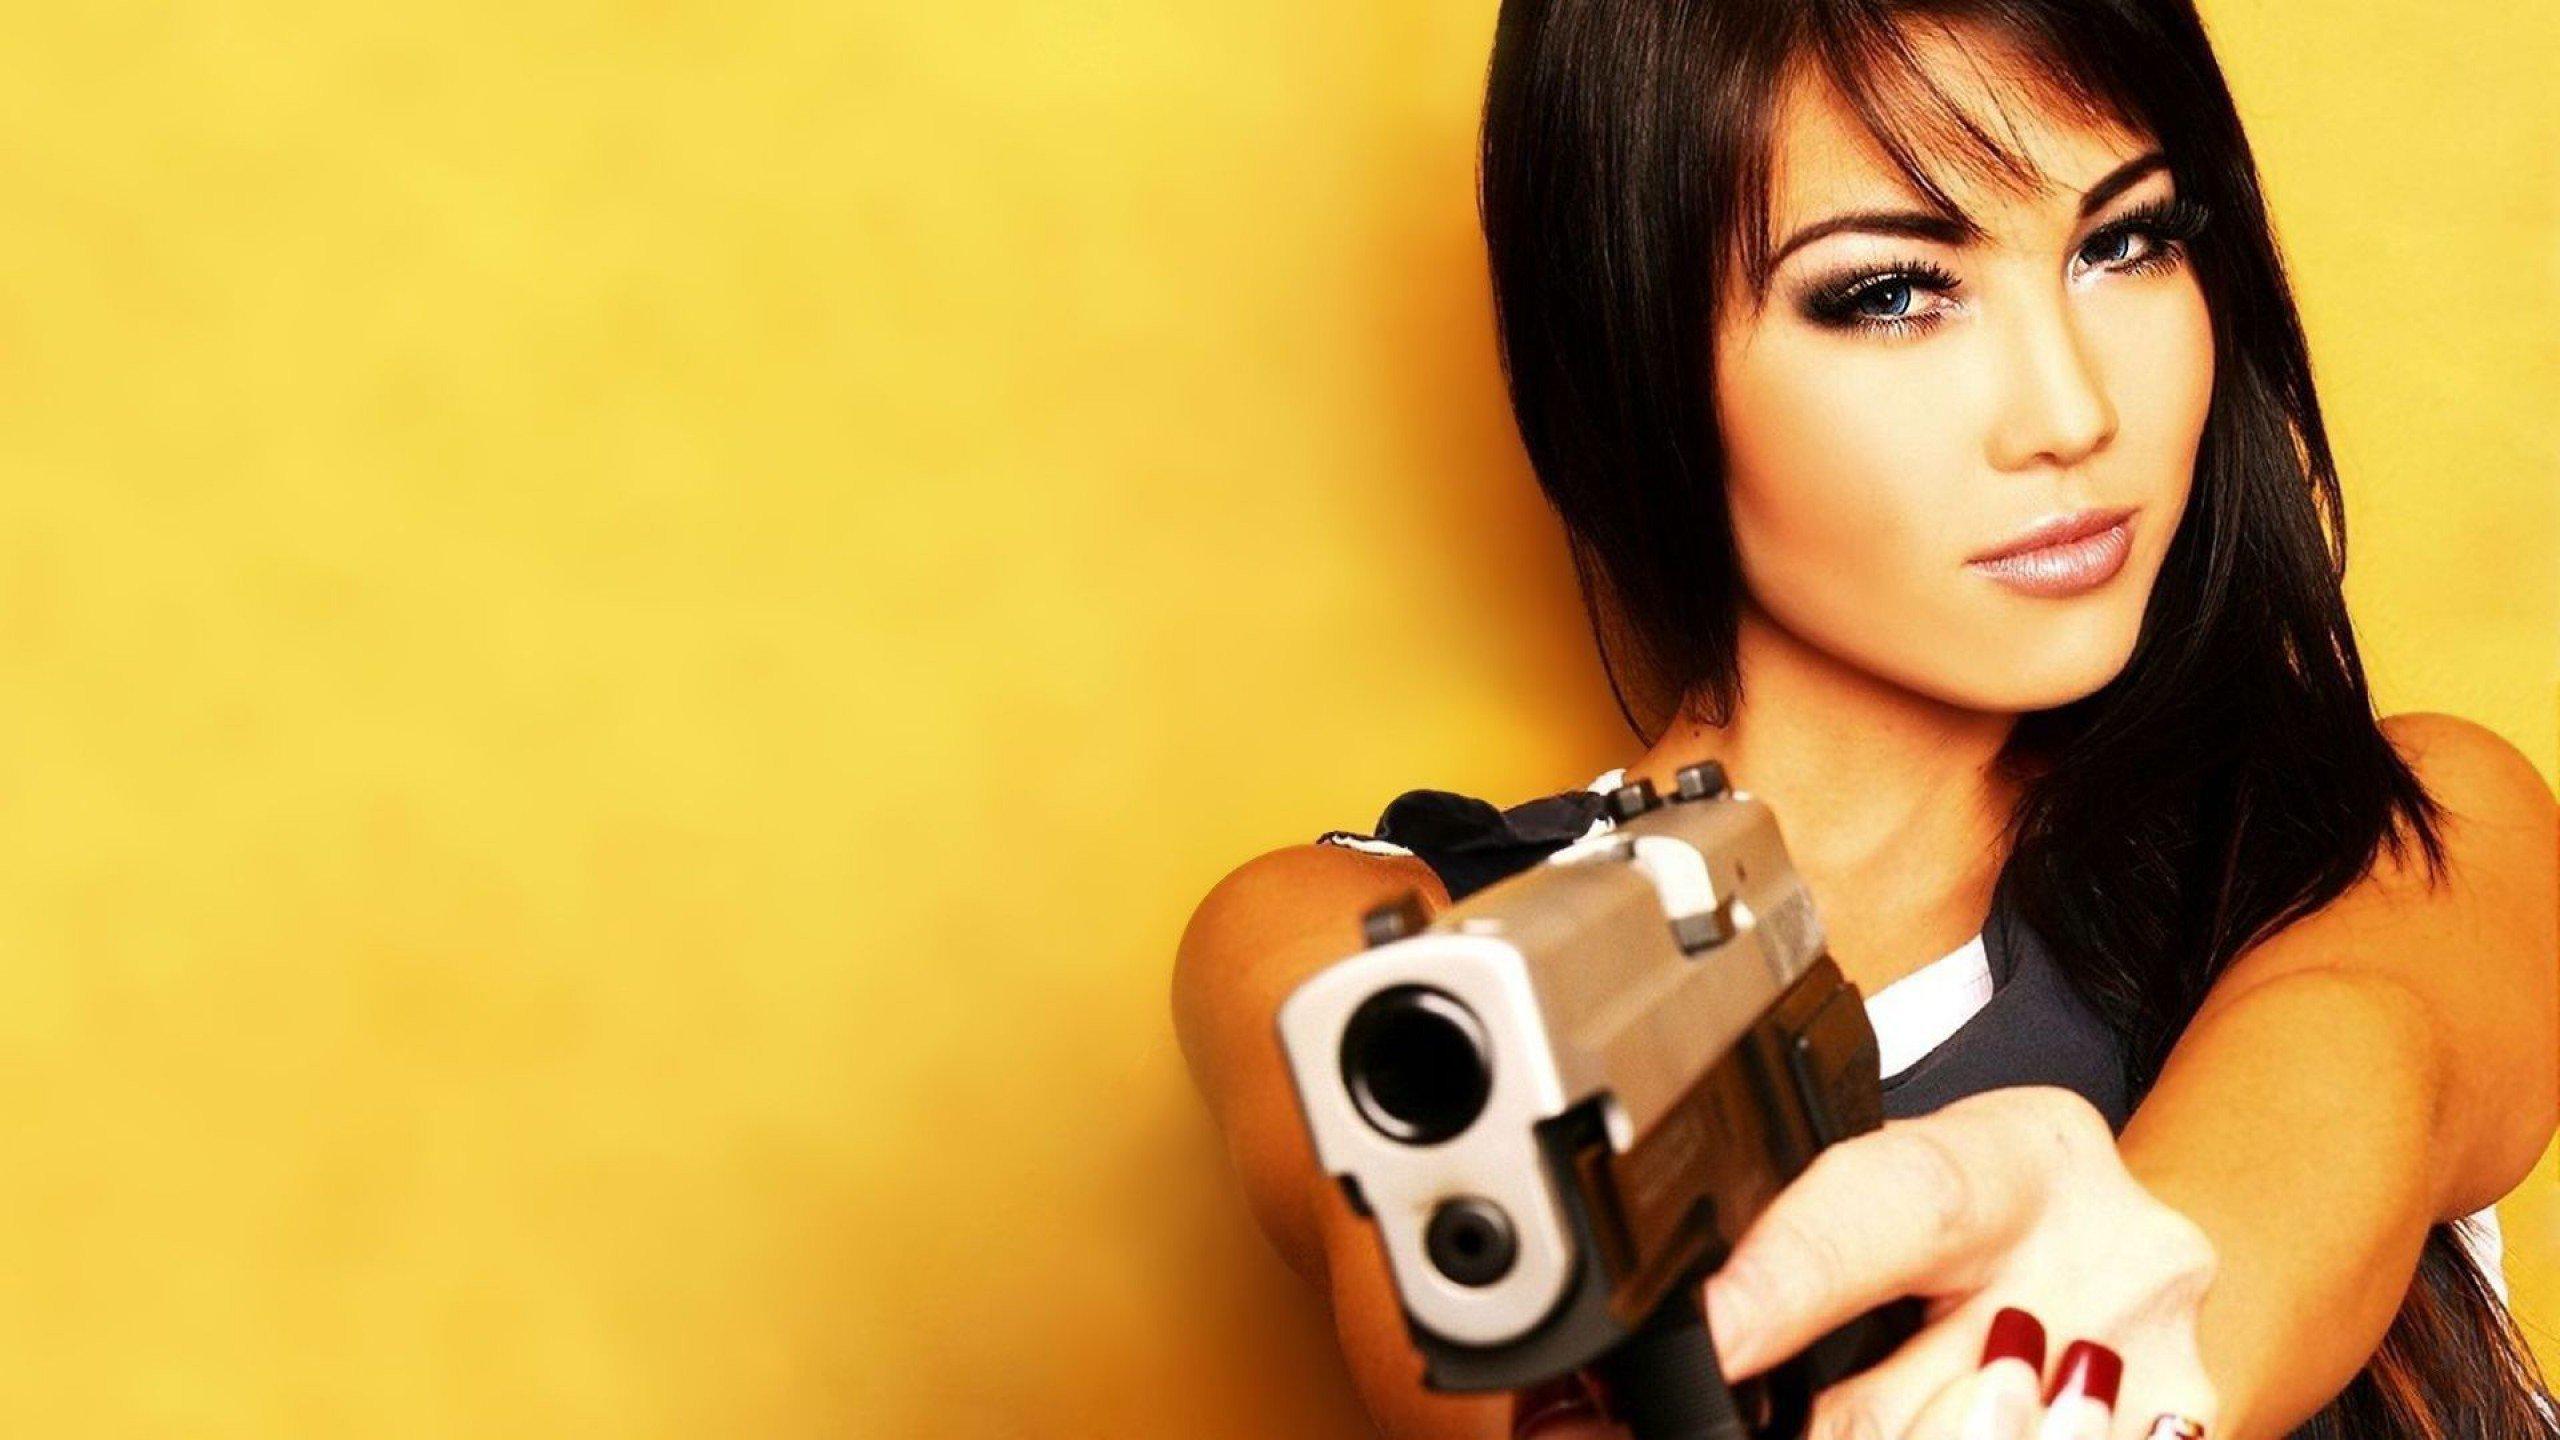 Фотосессии девушек с пистолетом 17 фотография